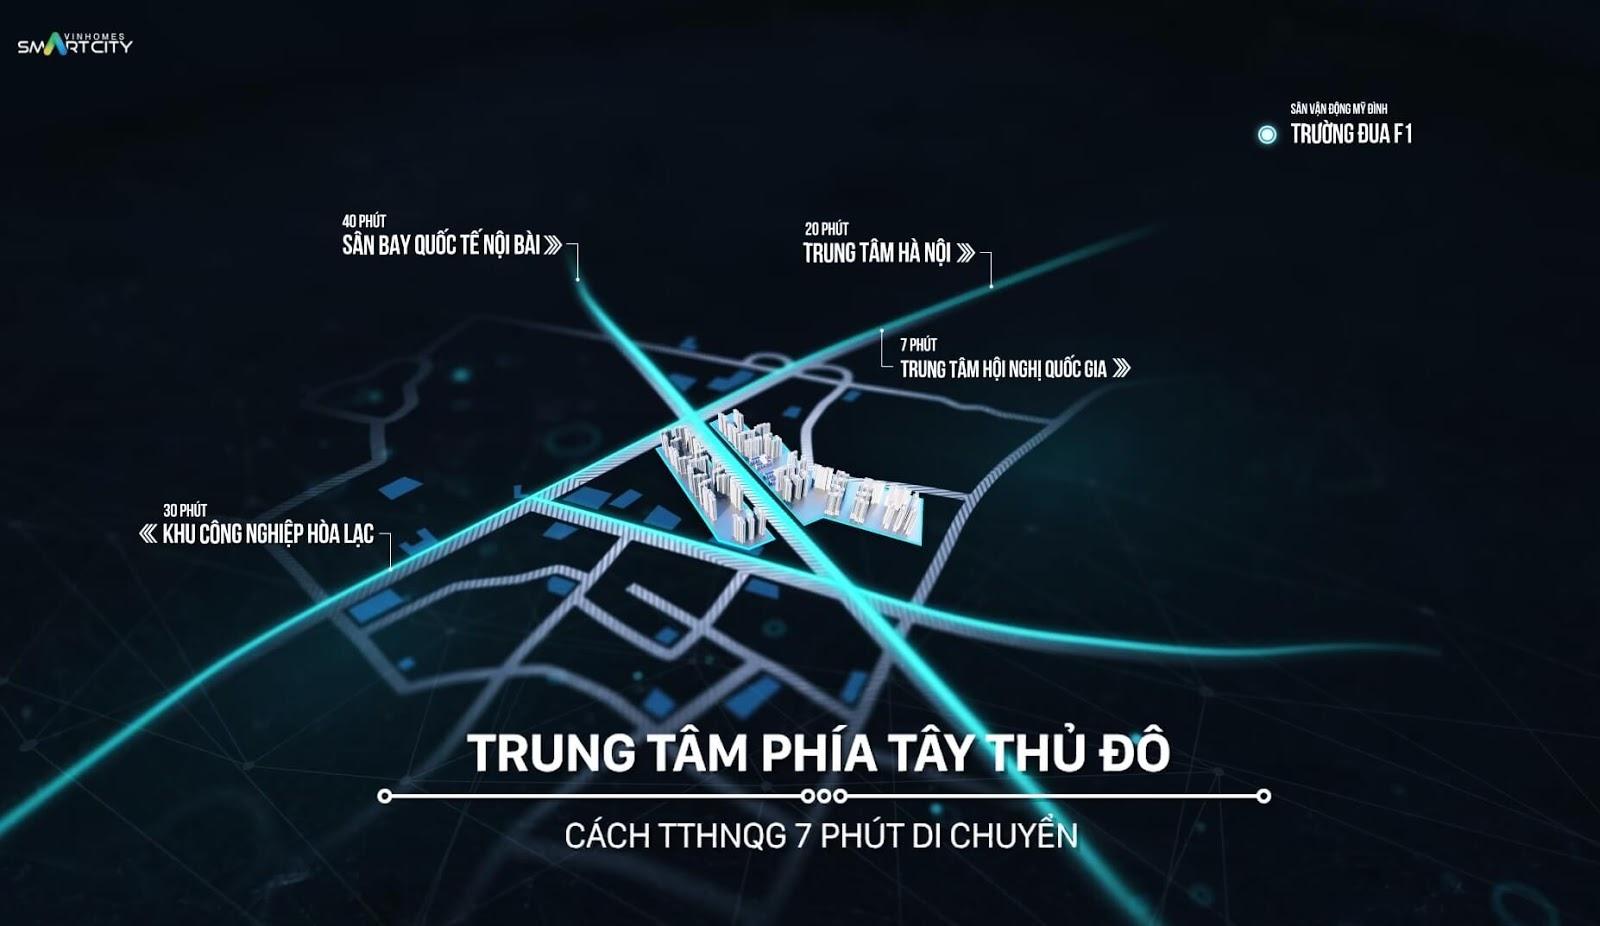 Vinhomes Smart City - Vị trí trung tâm phía Tây Thủ Đô